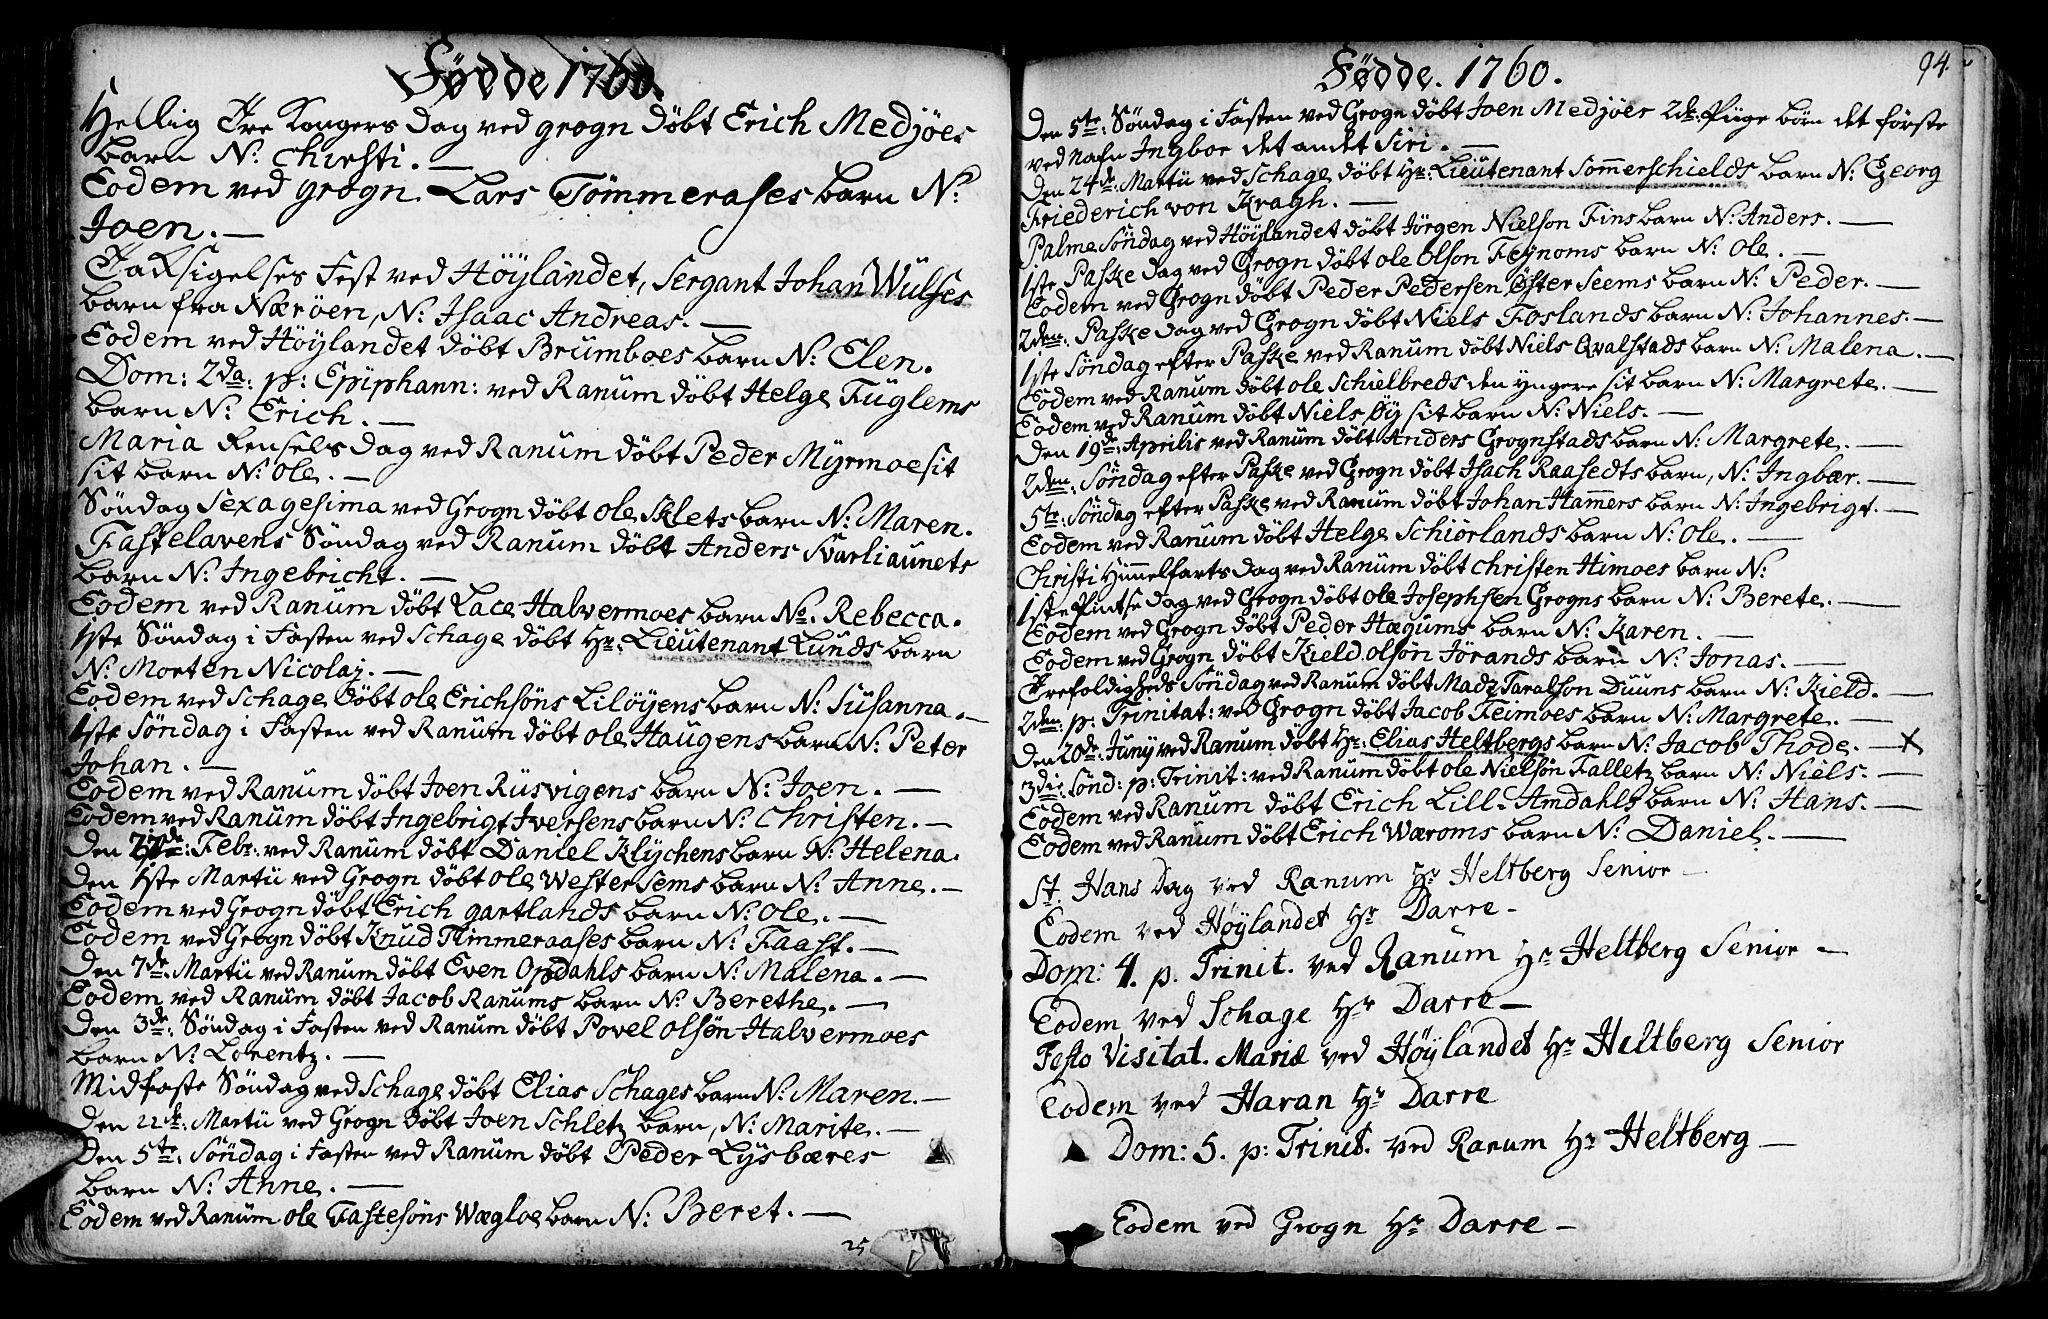 SAT, Ministerialprotokoller, klokkerbøker og fødselsregistre - Nord-Trøndelag, 764/L0542: Ministerialbok nr. 764A02, 1748-1779, s. 94